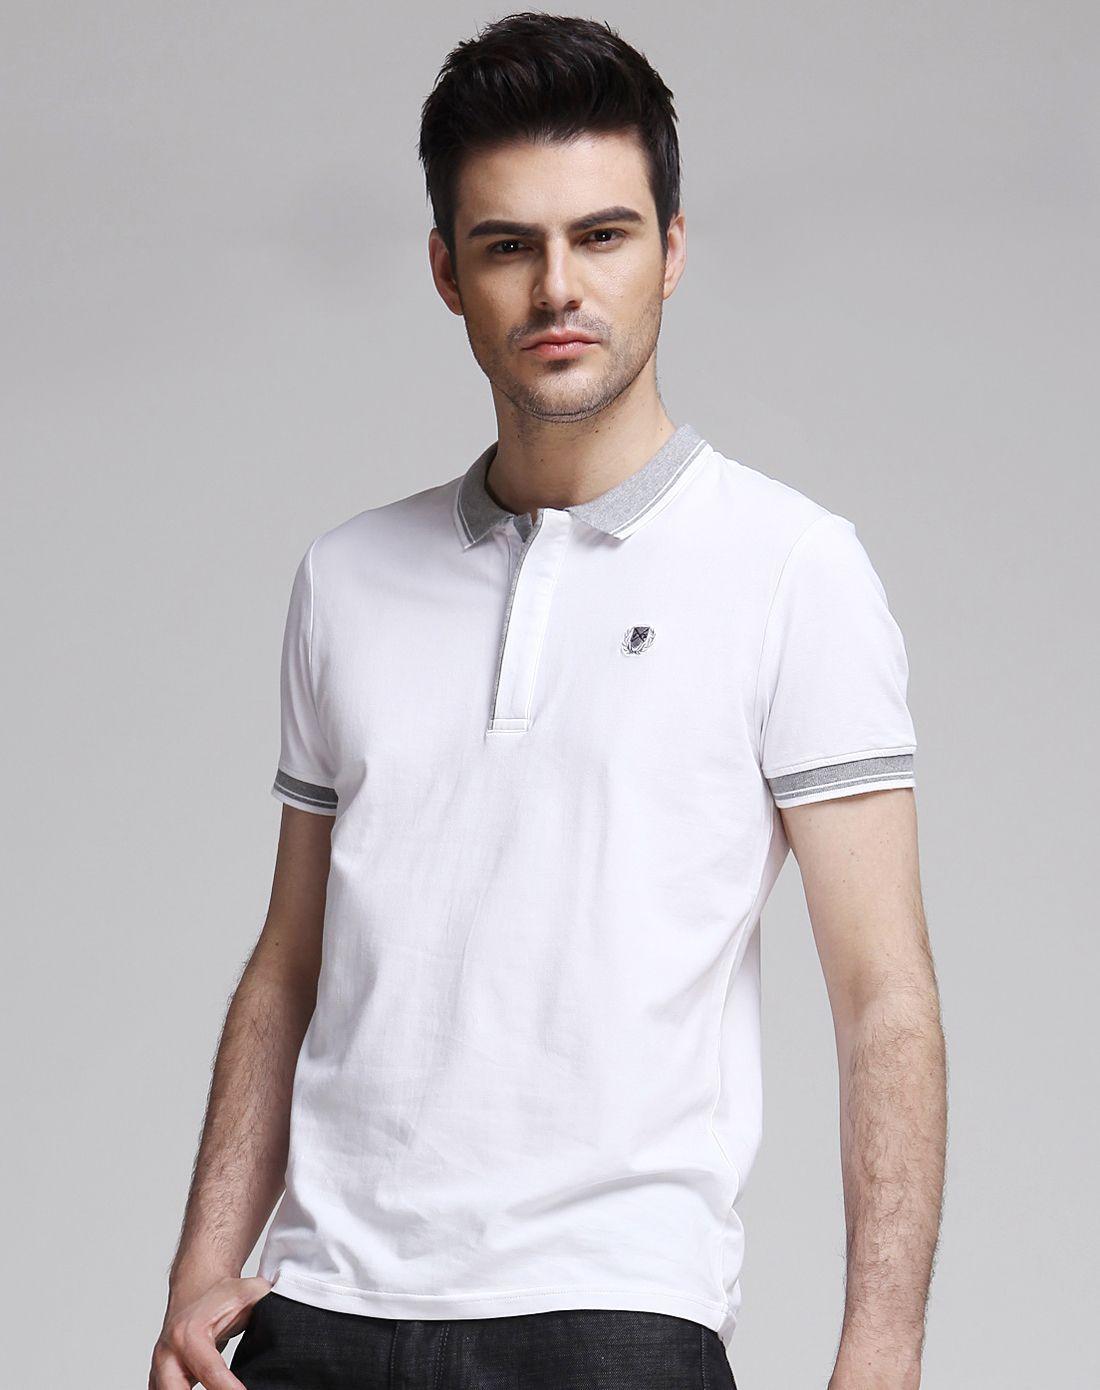 夏季男士T恤休闲衬衫